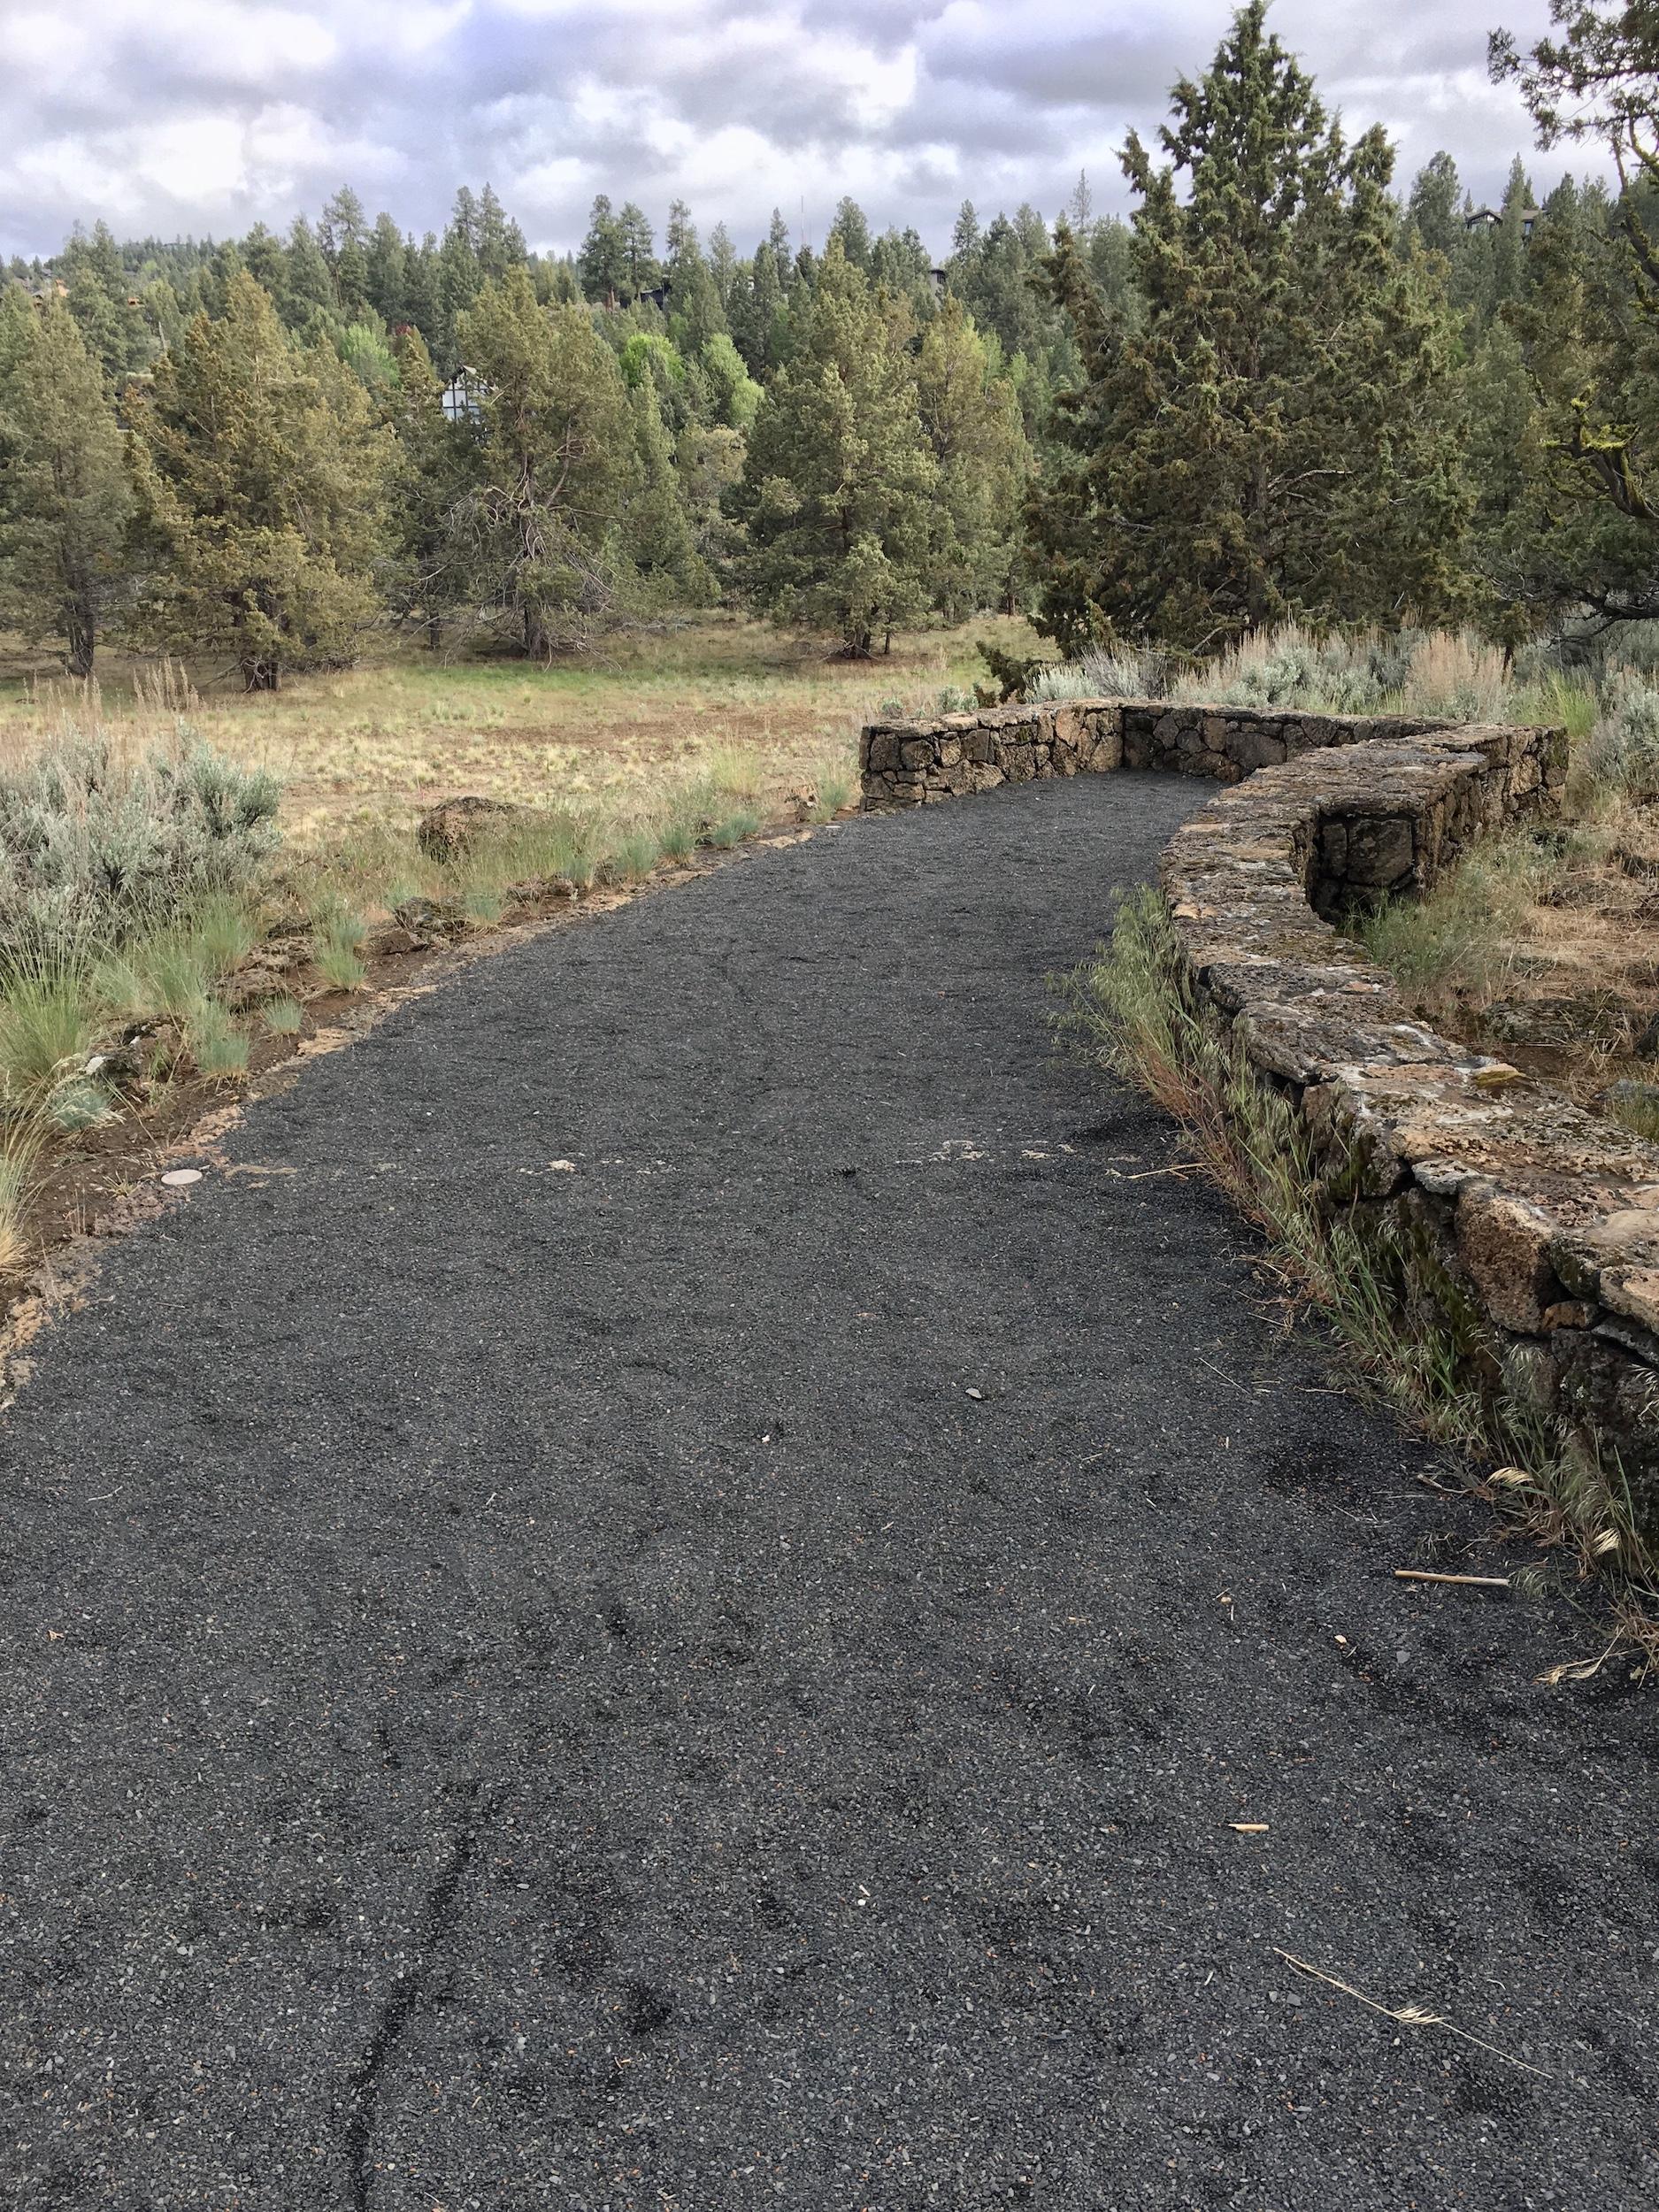 gravel viewpoint at riley ranch